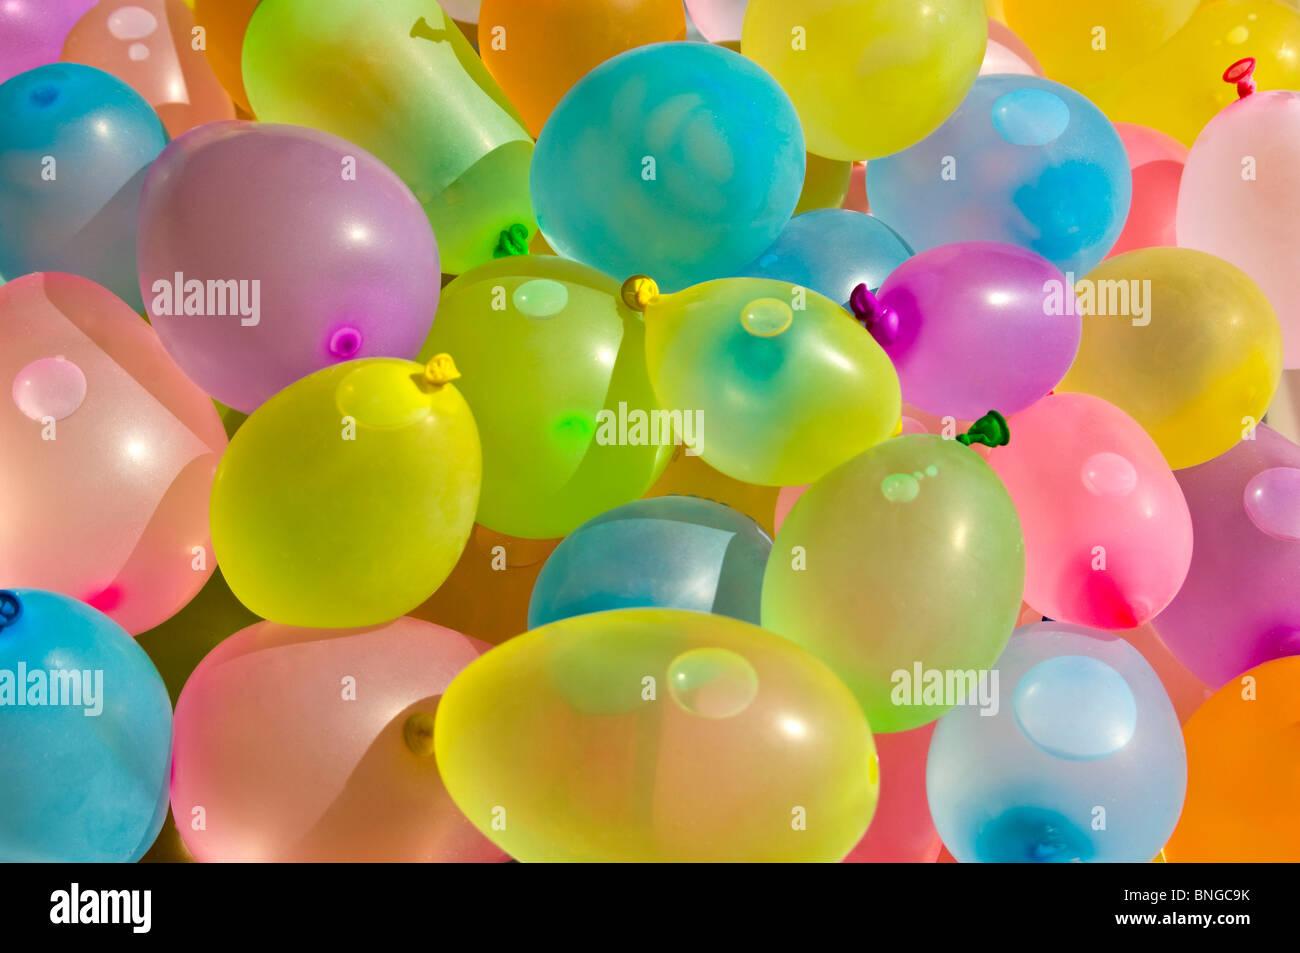 Cierre horizontal de cientos de coloridos globos llenos de látex con agua en preparación de una guerra Imagen De Stock